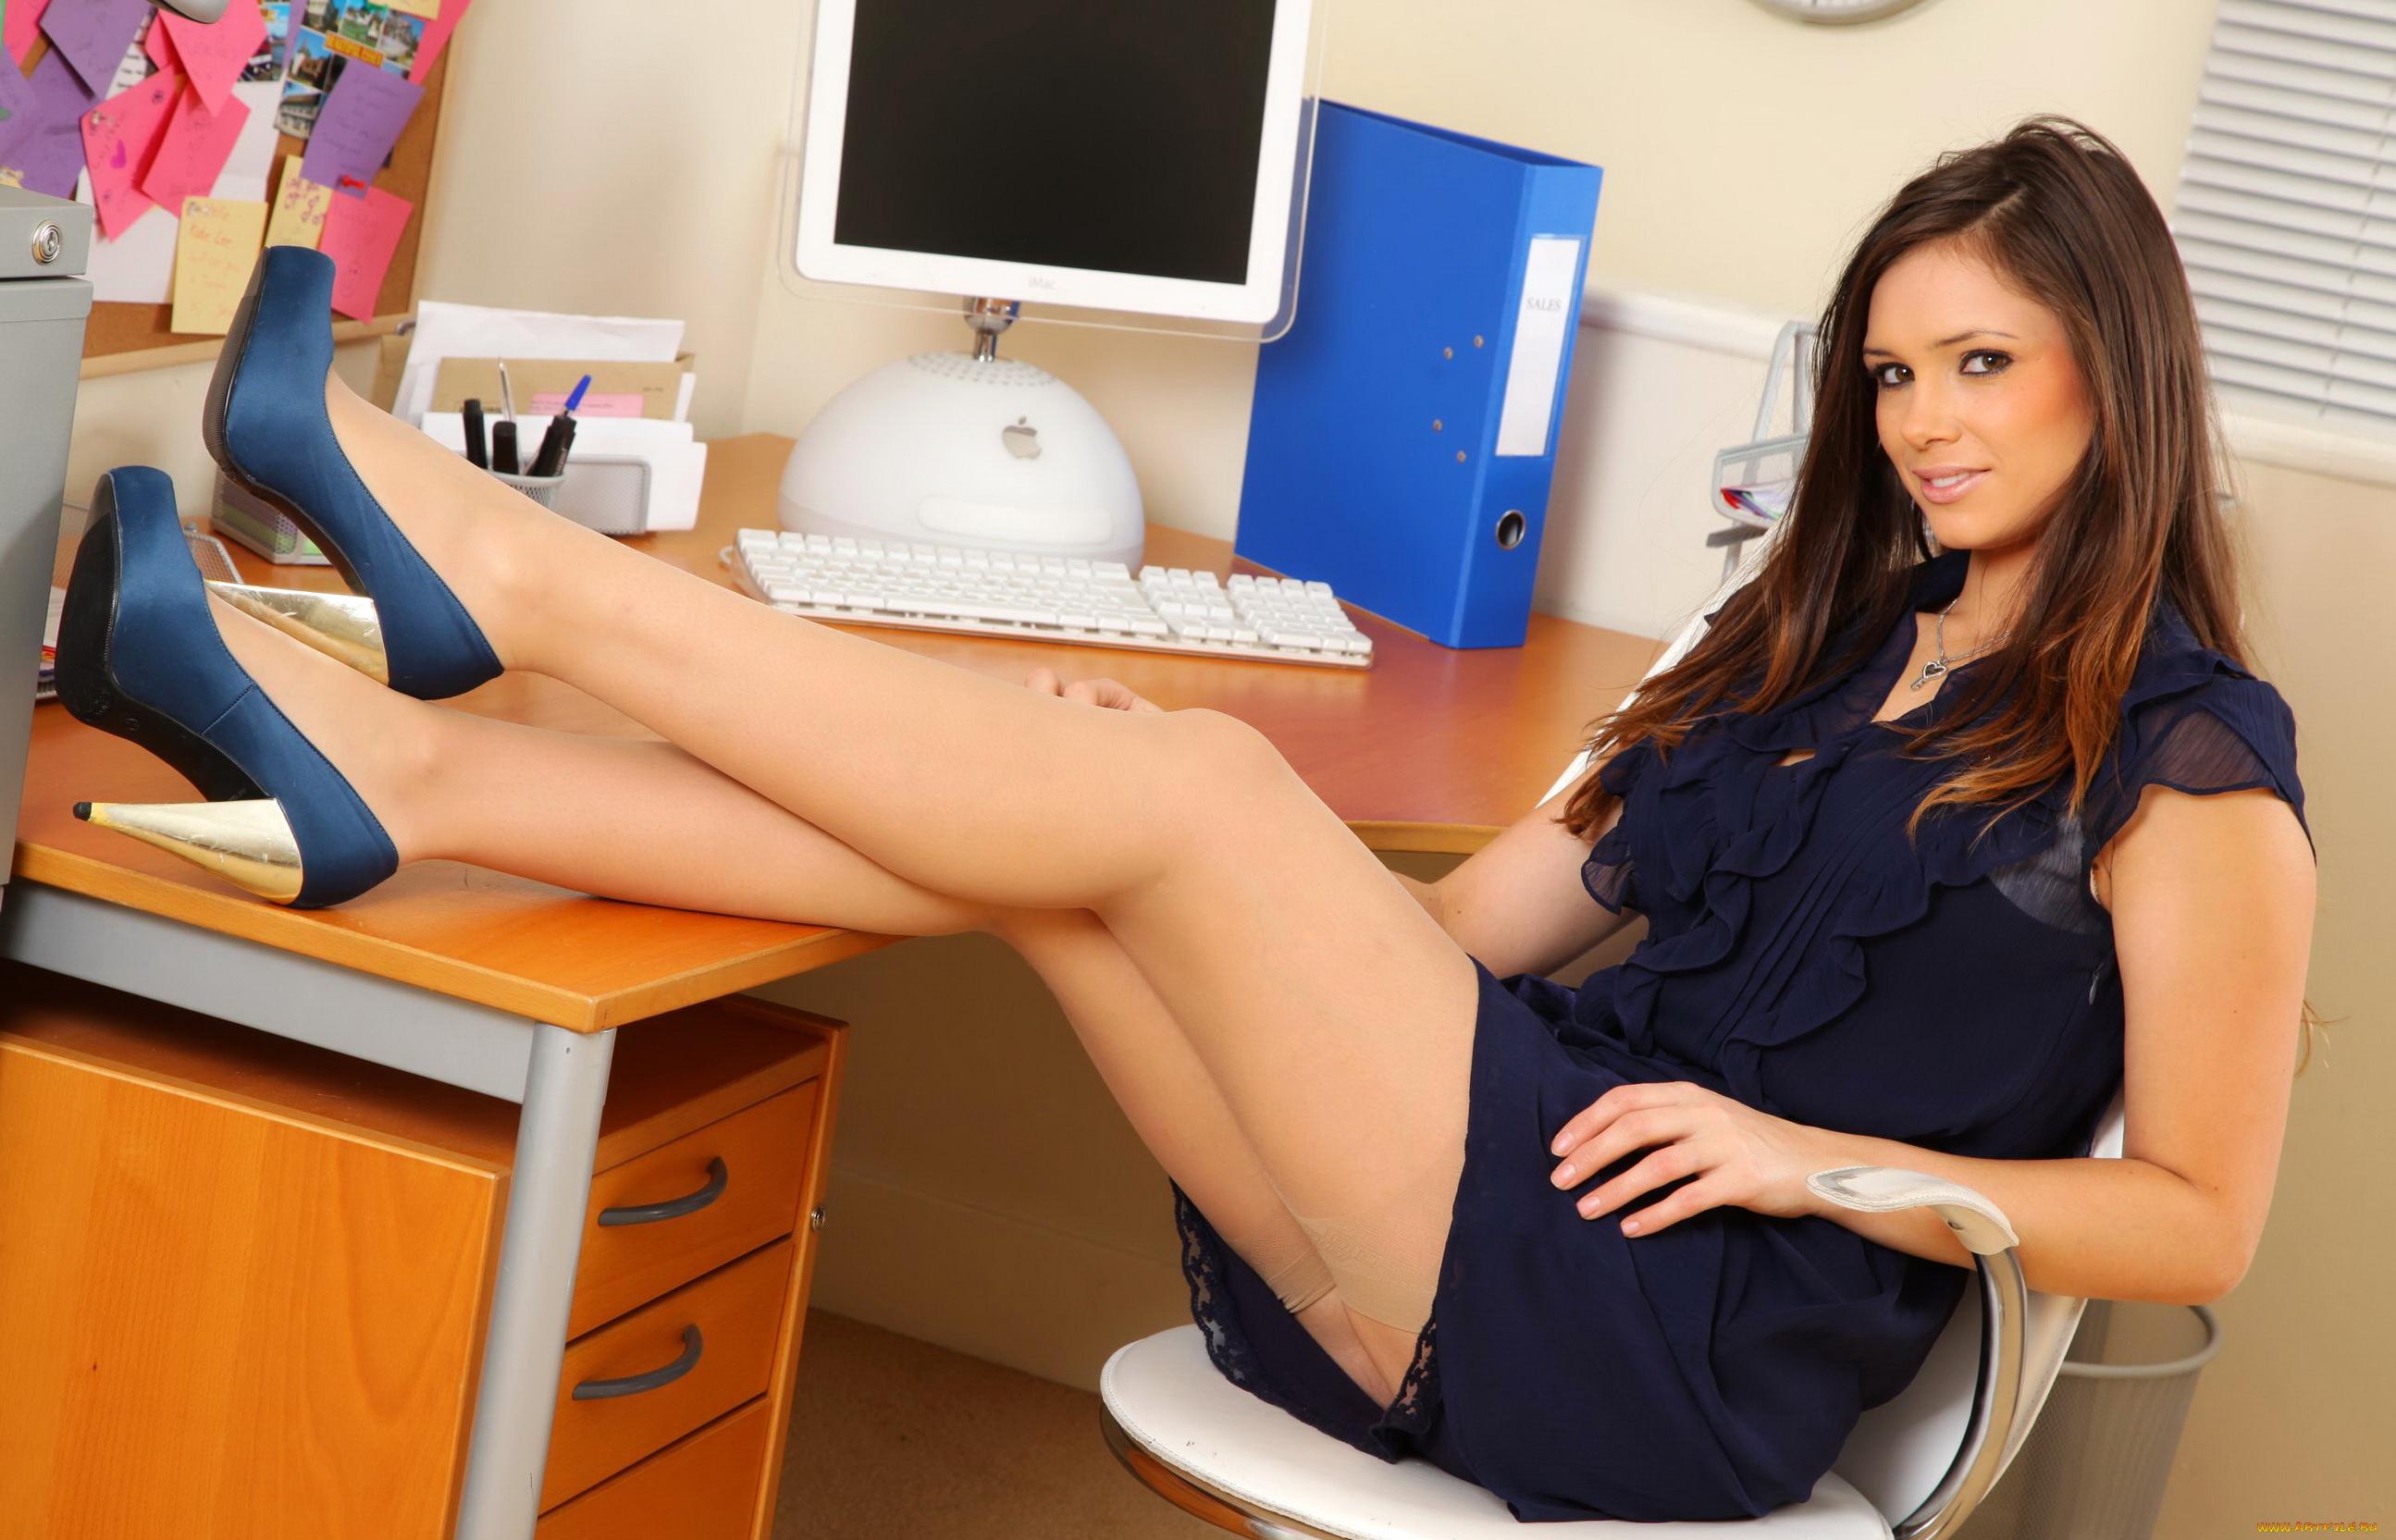 ножки секретарши видео онлайн испытывал